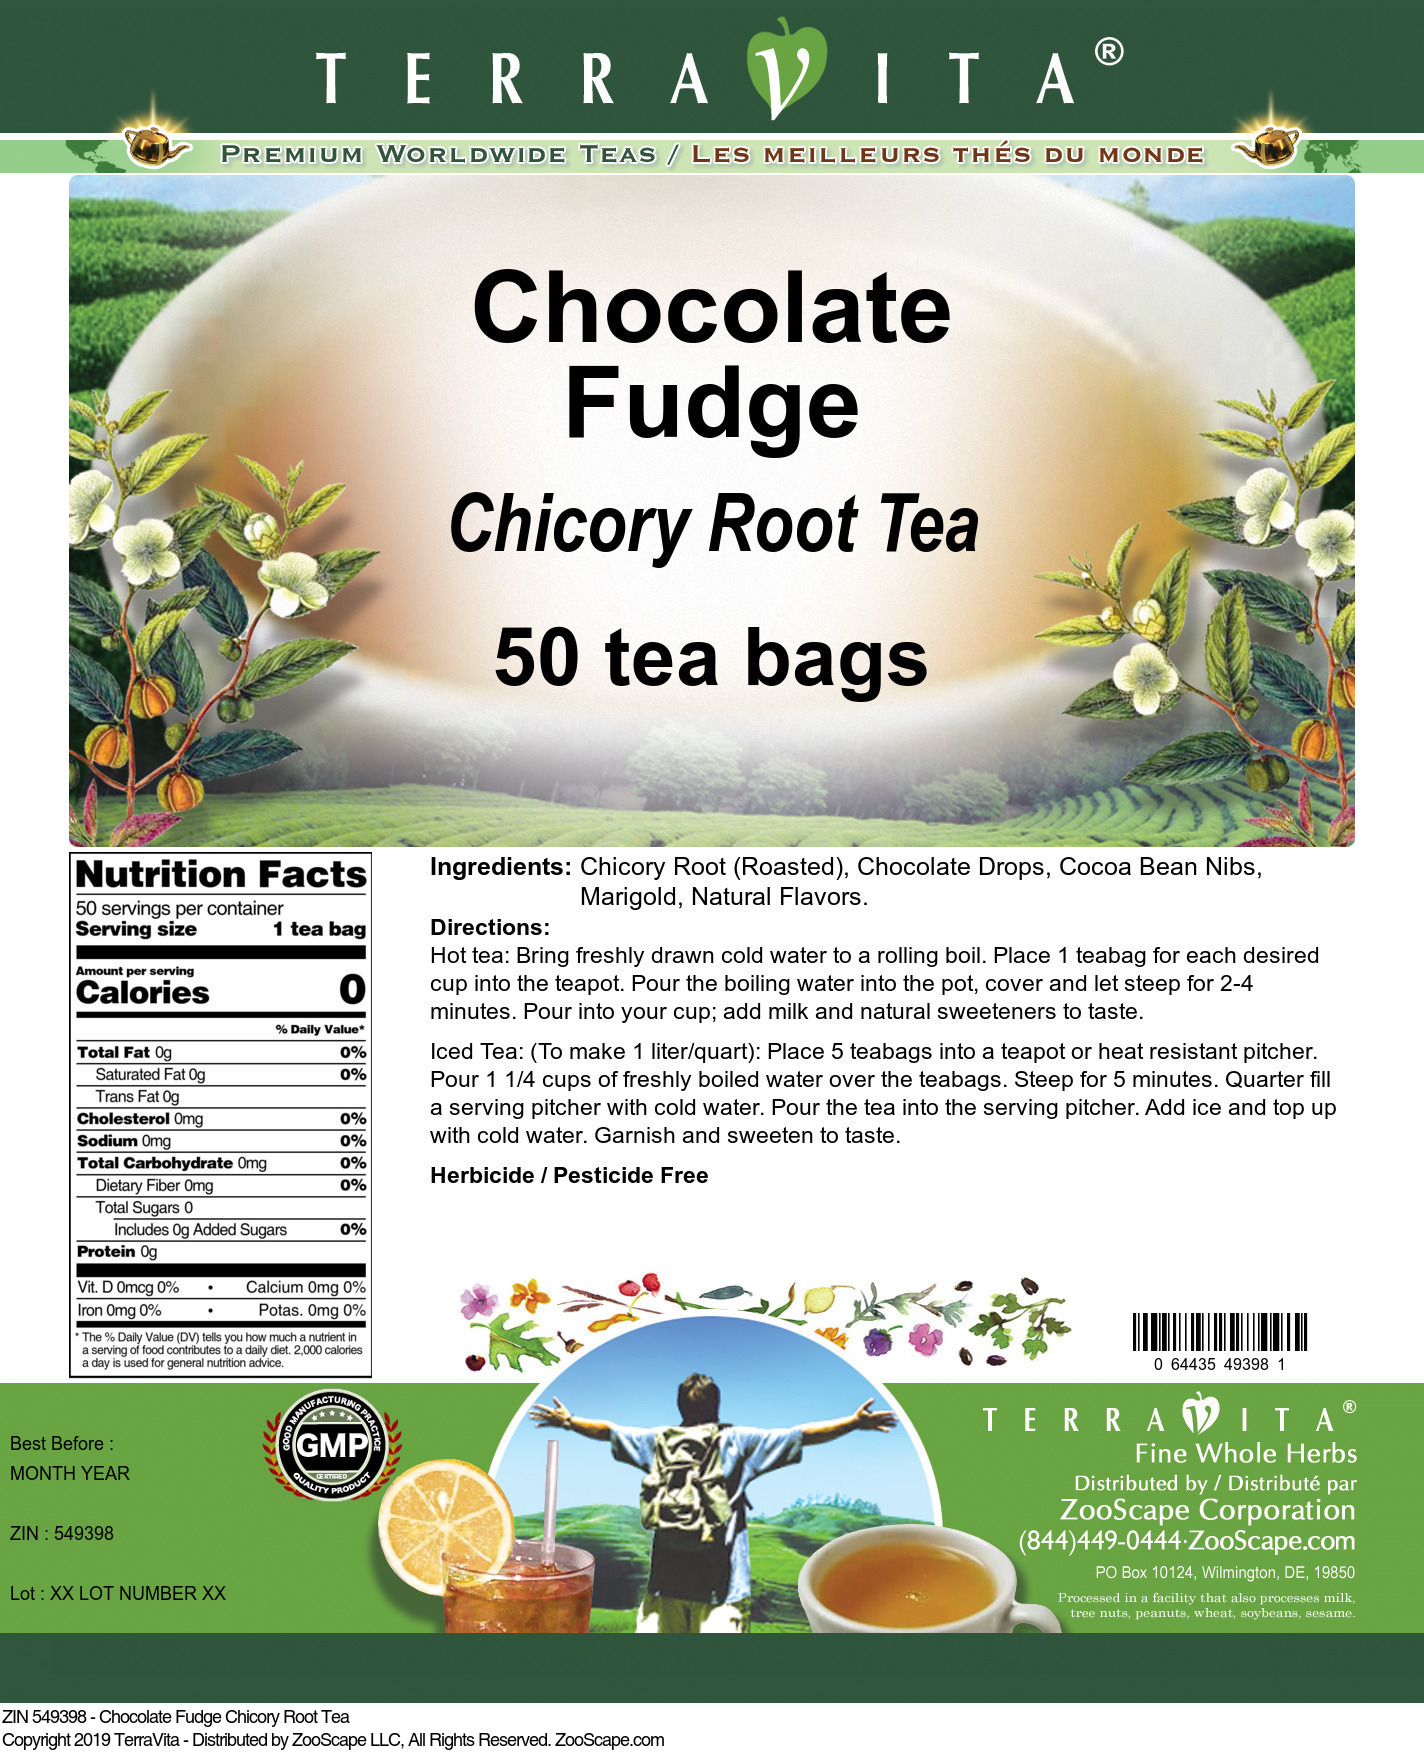 Chocolate Fudge Chicory Root